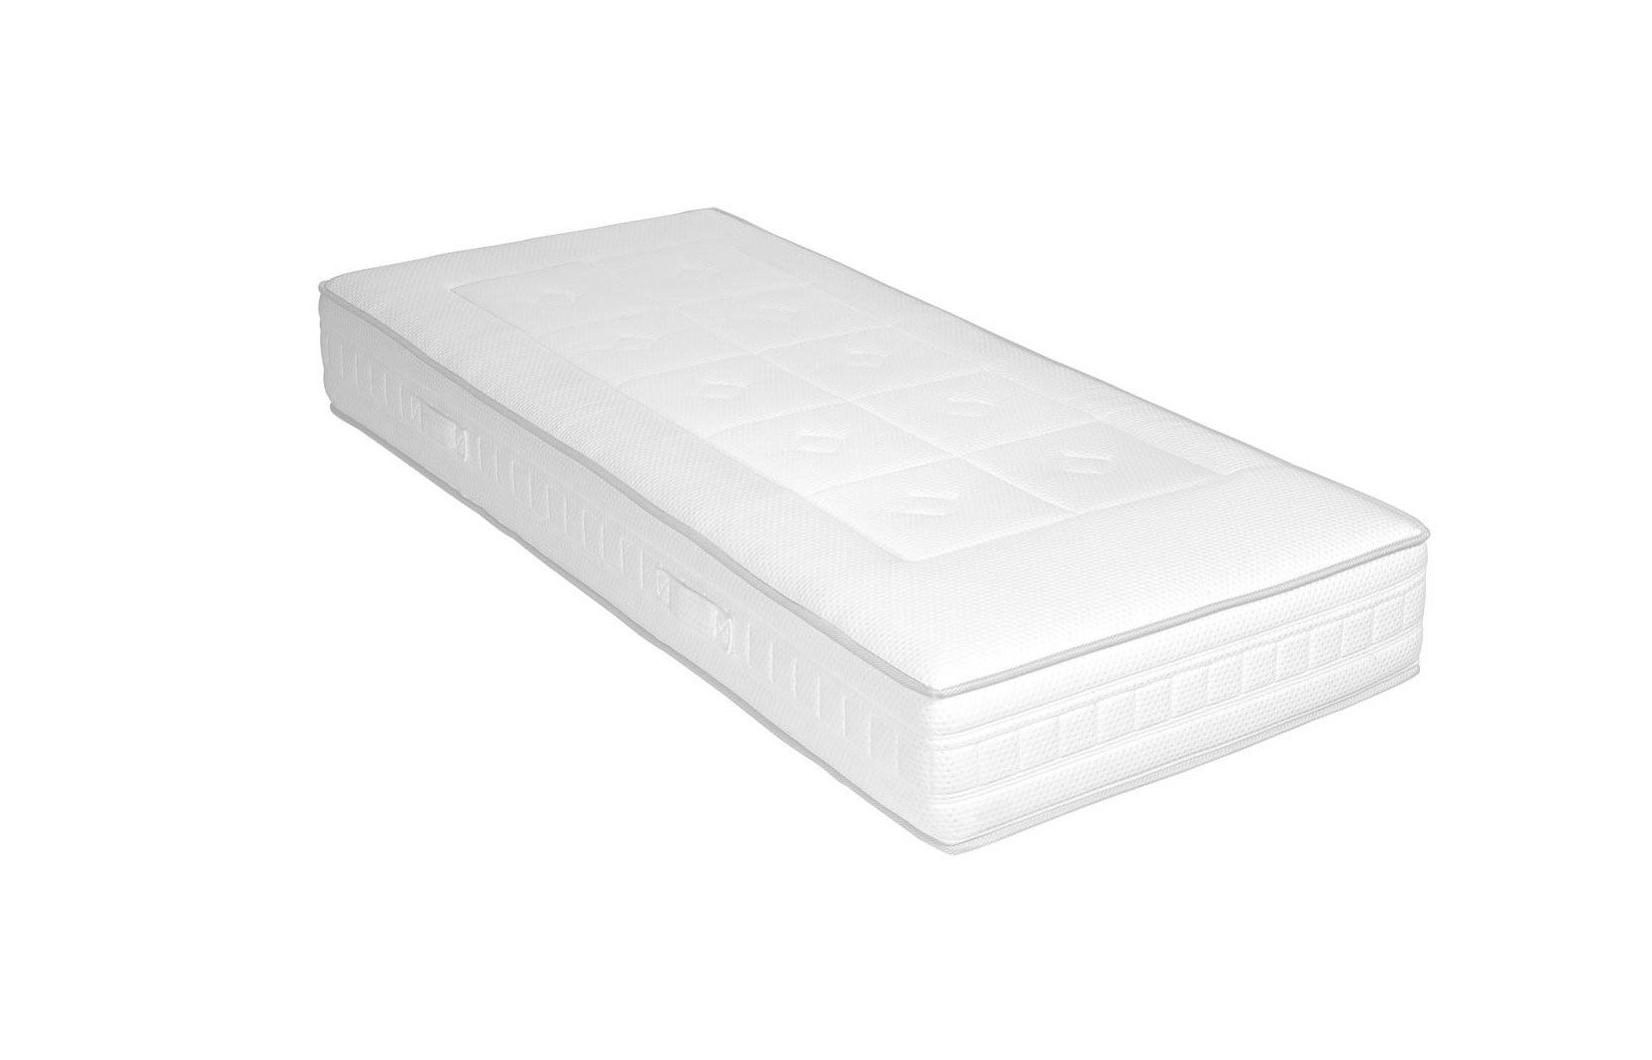 Matras Natuurlijke Materialen : Matrassen kopen optimaal slaapcomfort slaaphof harderwijk